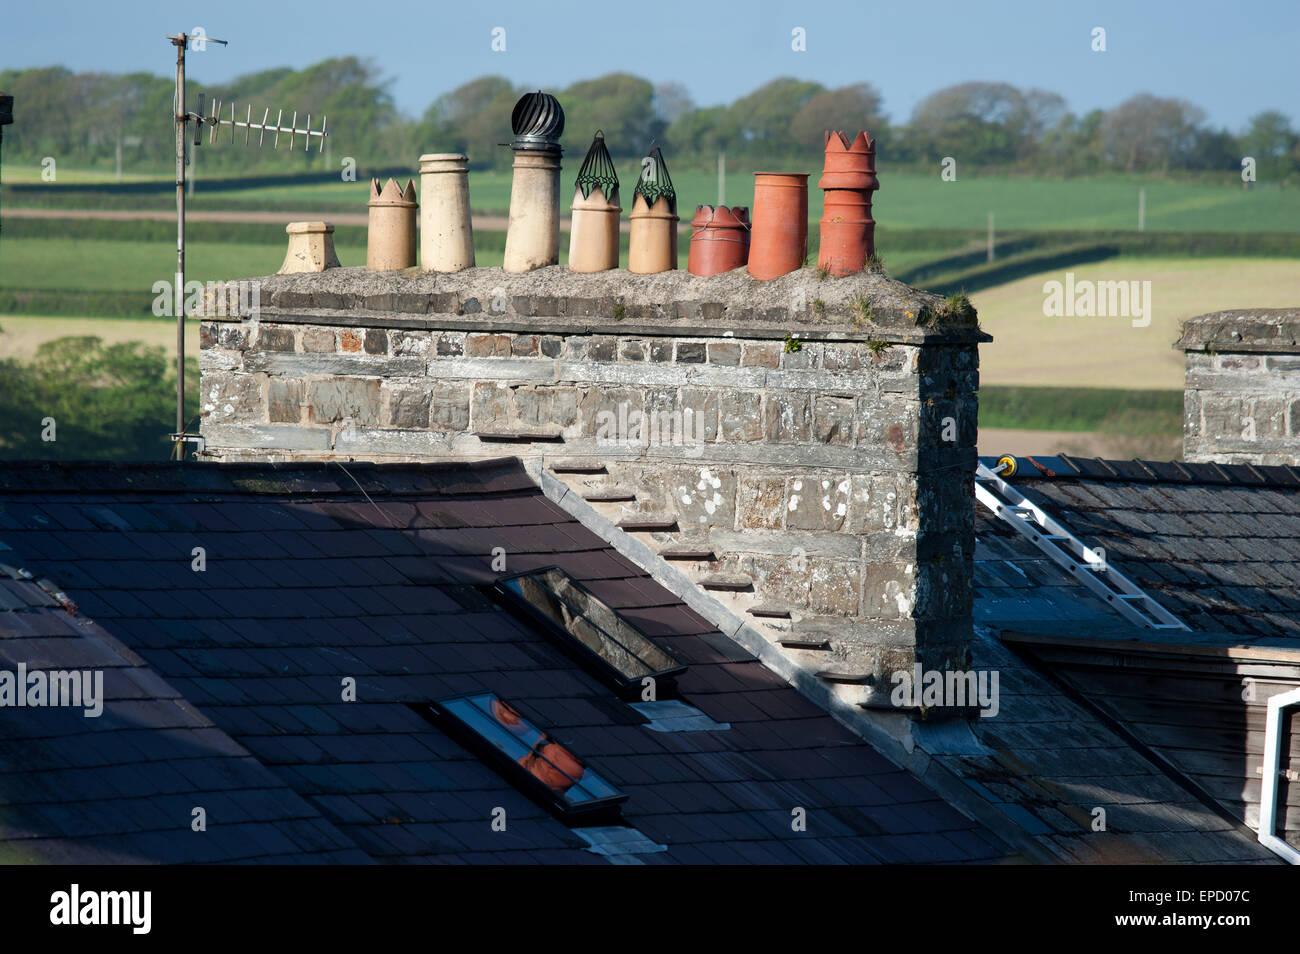 Rangée de pots de cheminée en pierre sur house, St Dogmaels Wales Photo Stock